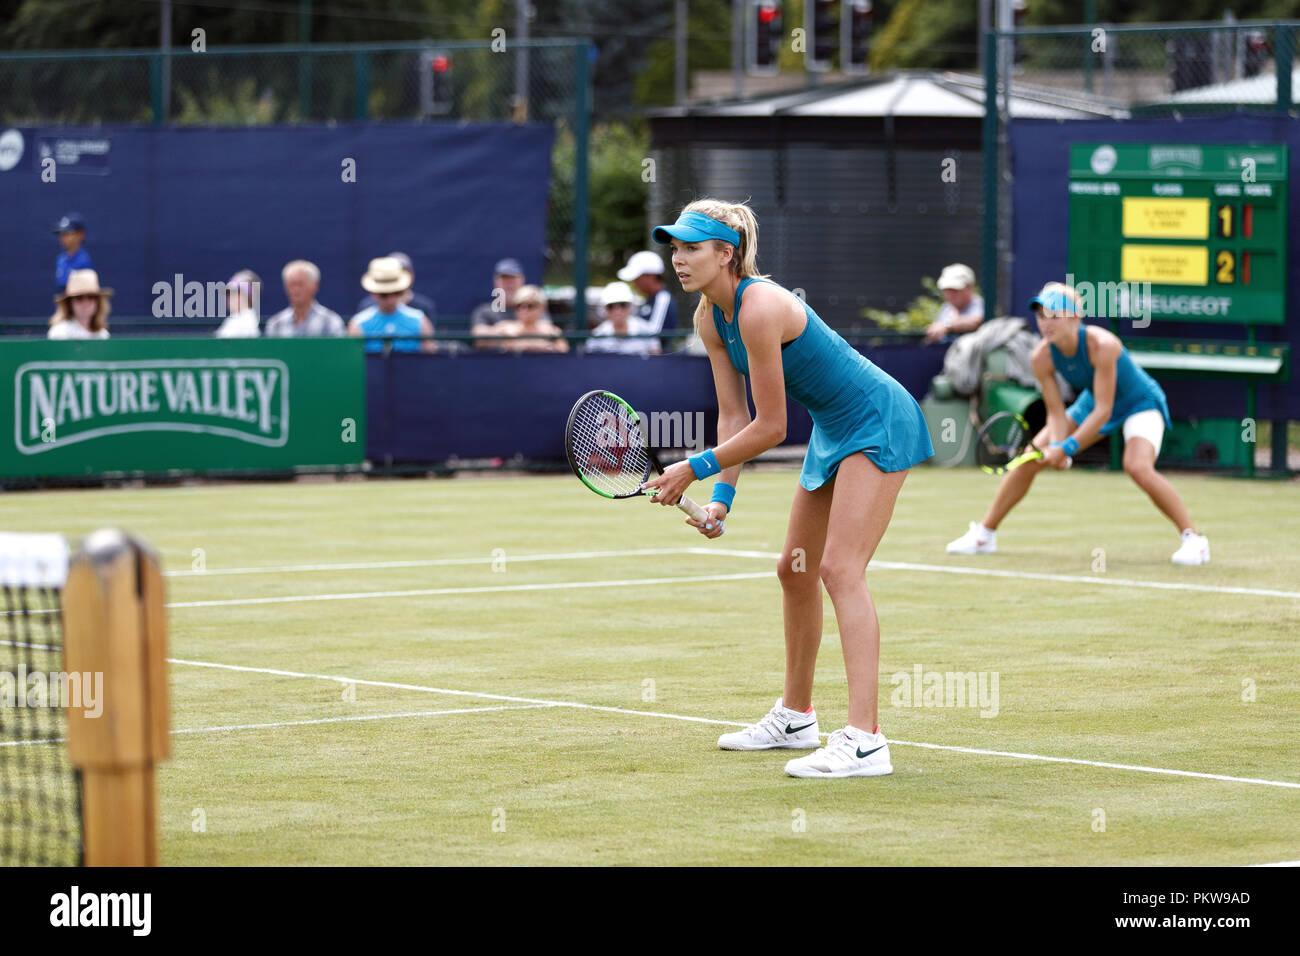 Jugadores de tenis británica Katie Boulter (primer plano) y Katie Swan (fondo) a la espera de su oponente sirven durante un partido de dobles femenino en un torneo profesional de corte de césped en el Reino Unido. Boulter y Swan jugaron juntos en la adecuación de los trajes. Foto de stock